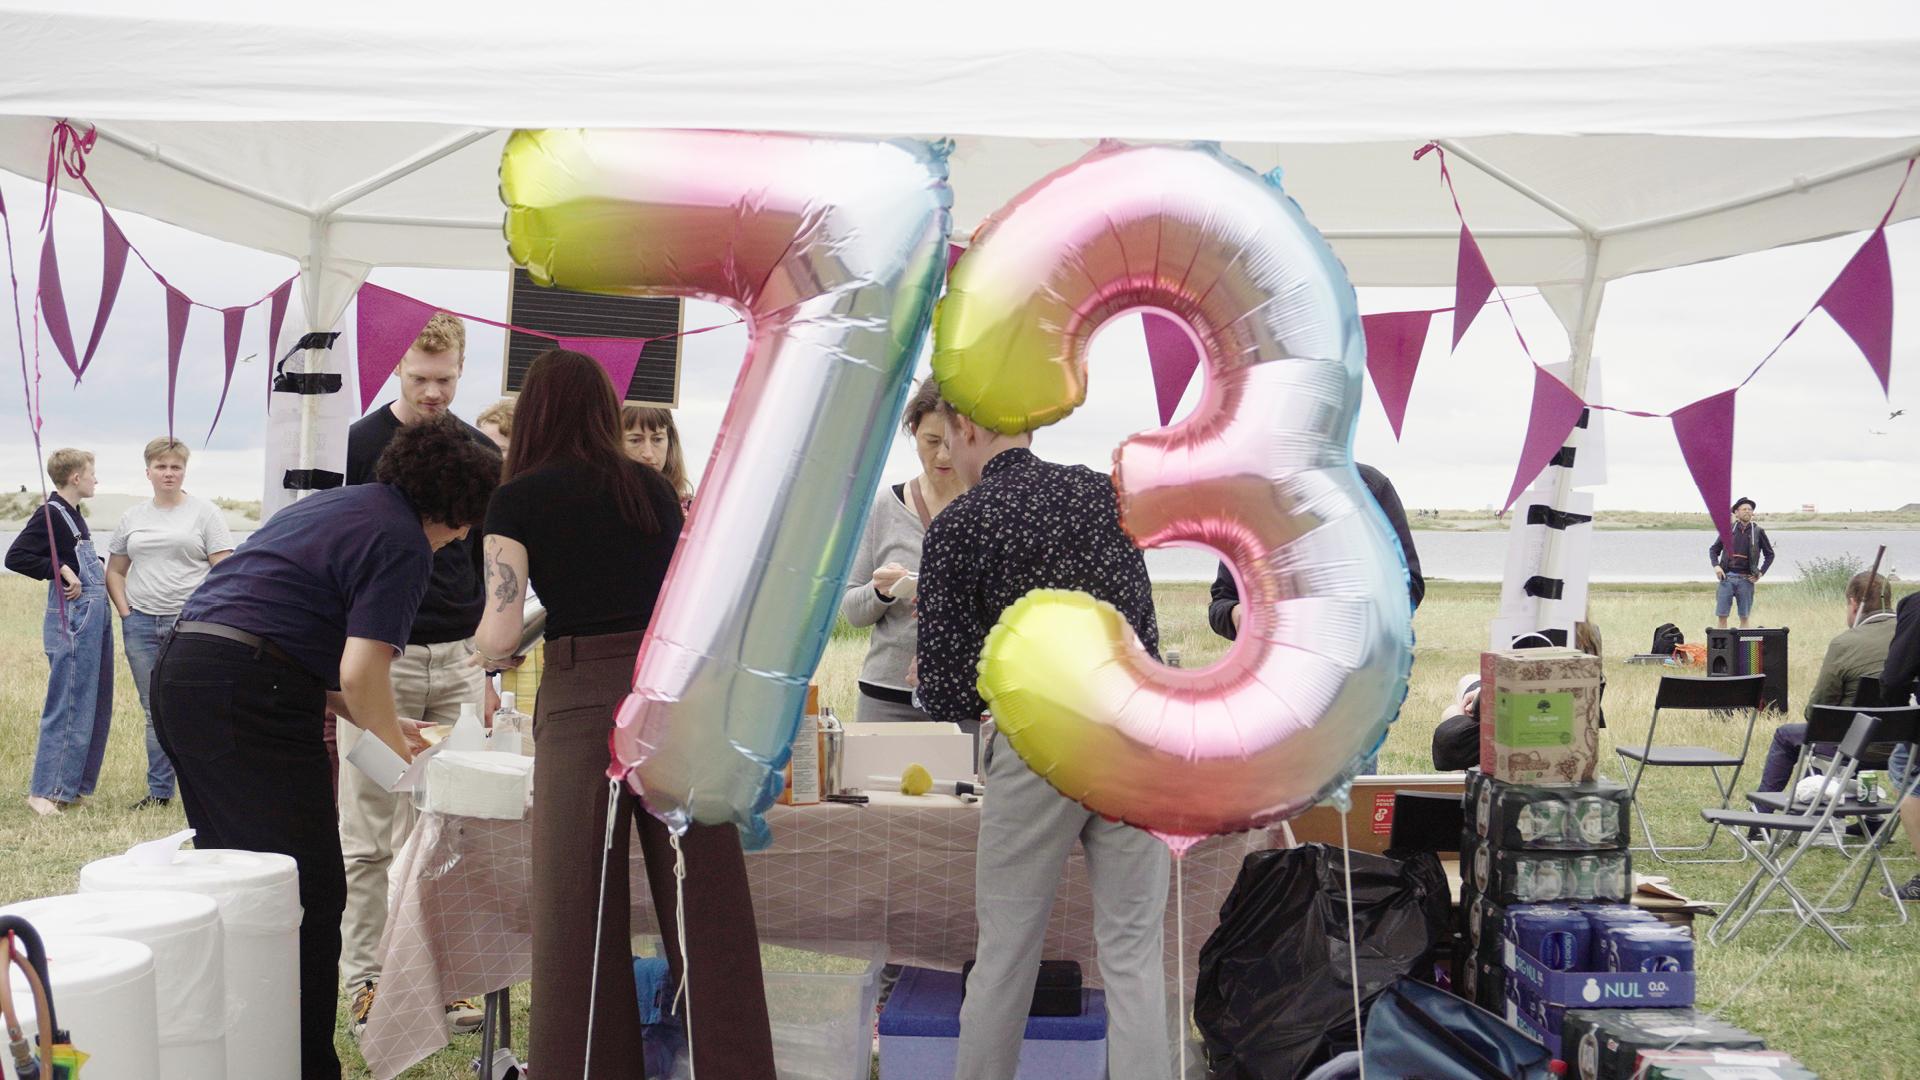 Havepavillion og balloner der danner tallet 73